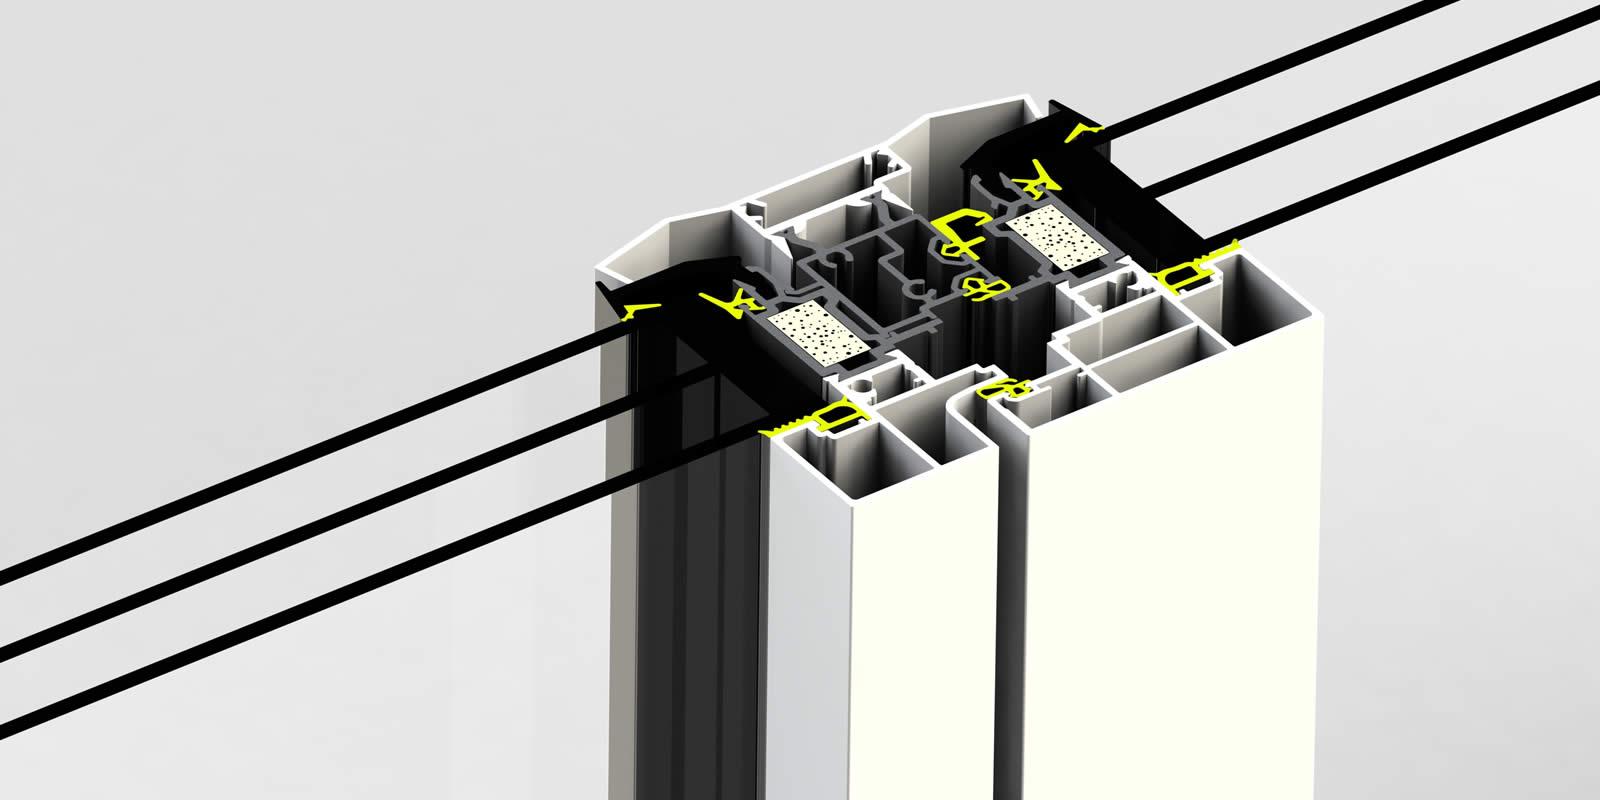 Montant central de la gamme EPMi Menuiseries AT80F